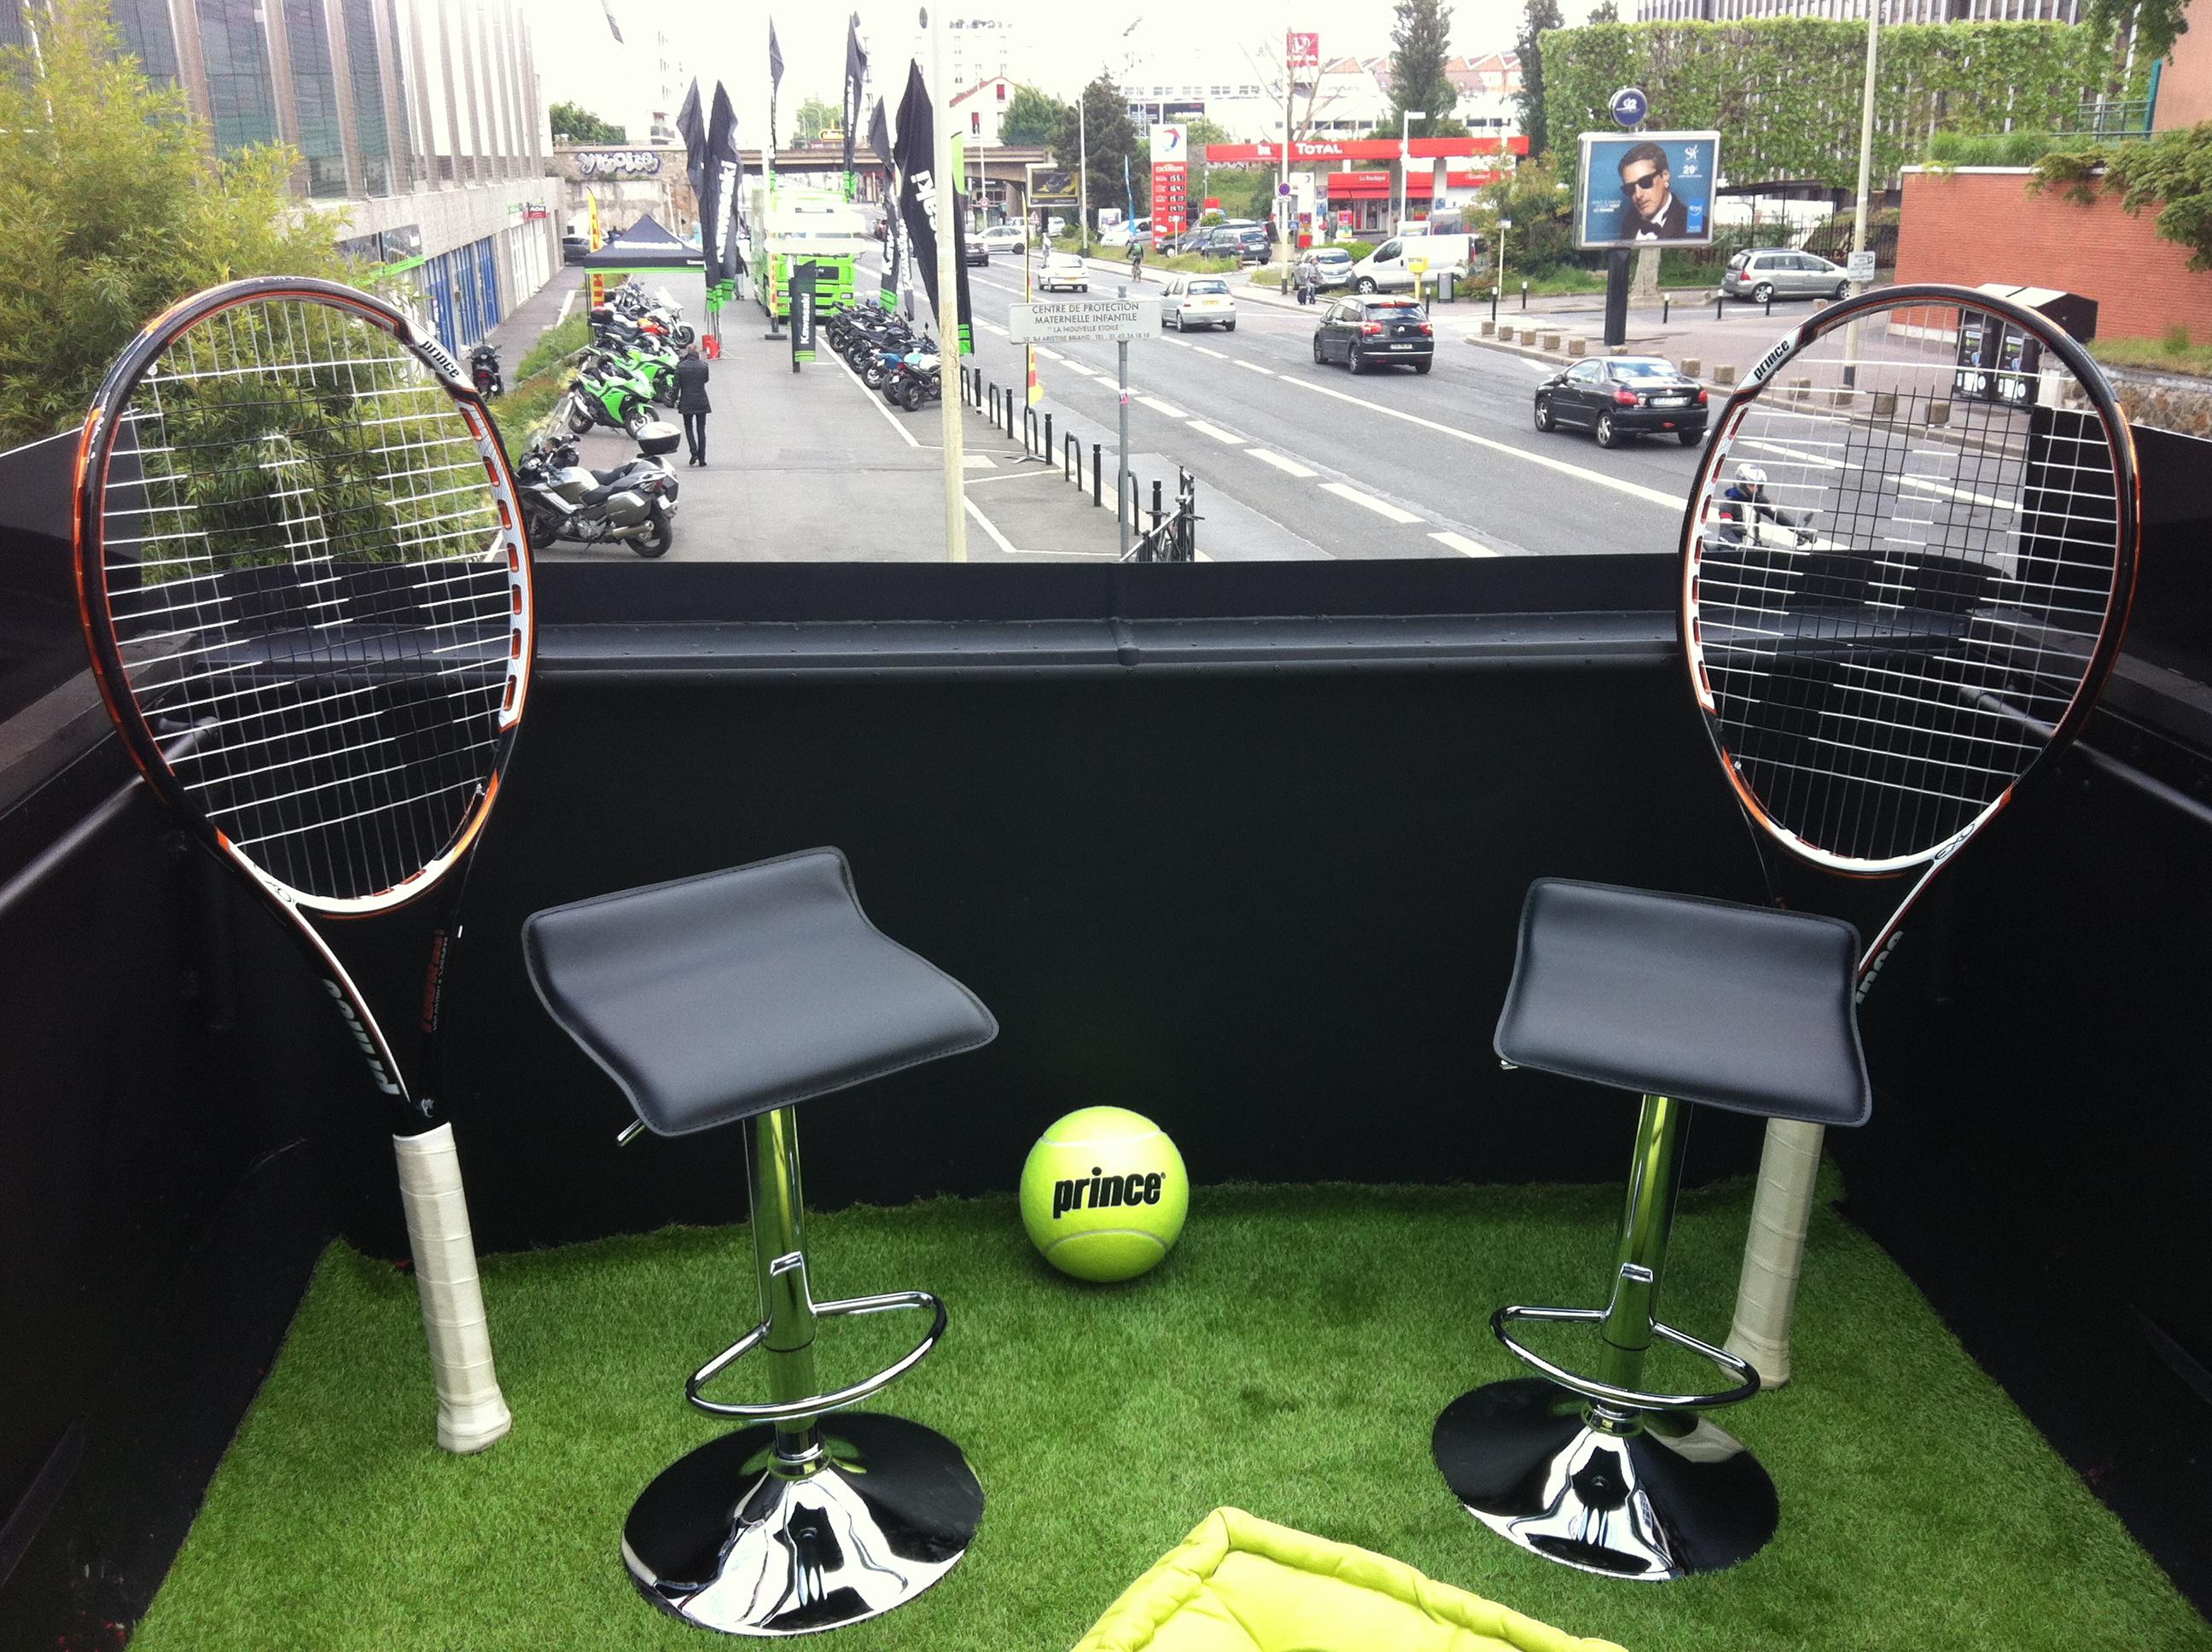 Prince Paris Tour Roland-Garros